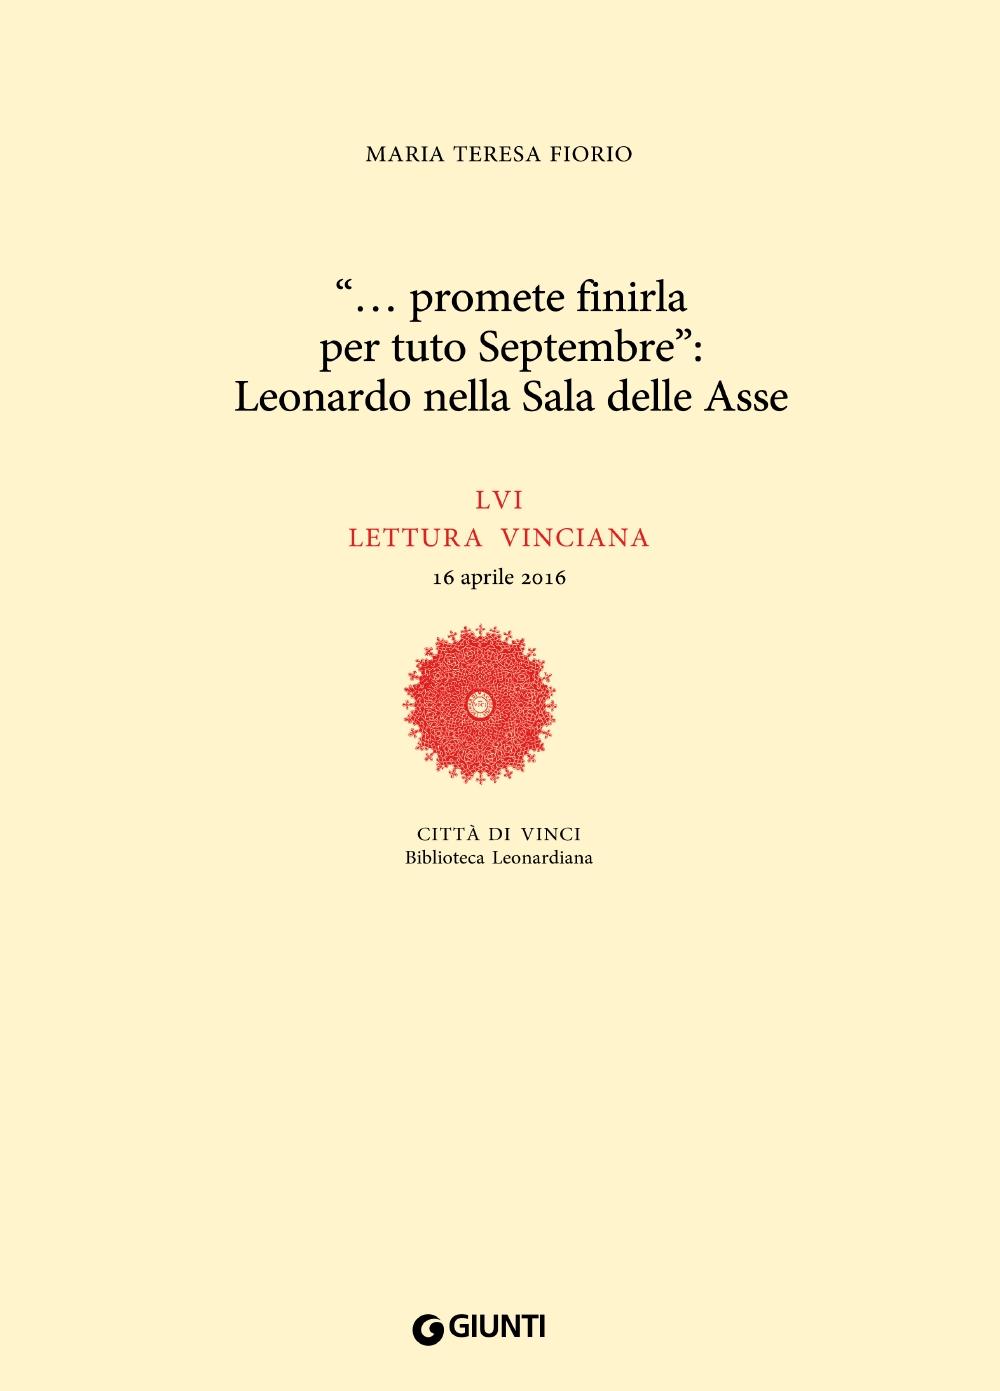 ''... promete finirla per tuto Septembre'': Leonardo nella Sala delle Asse